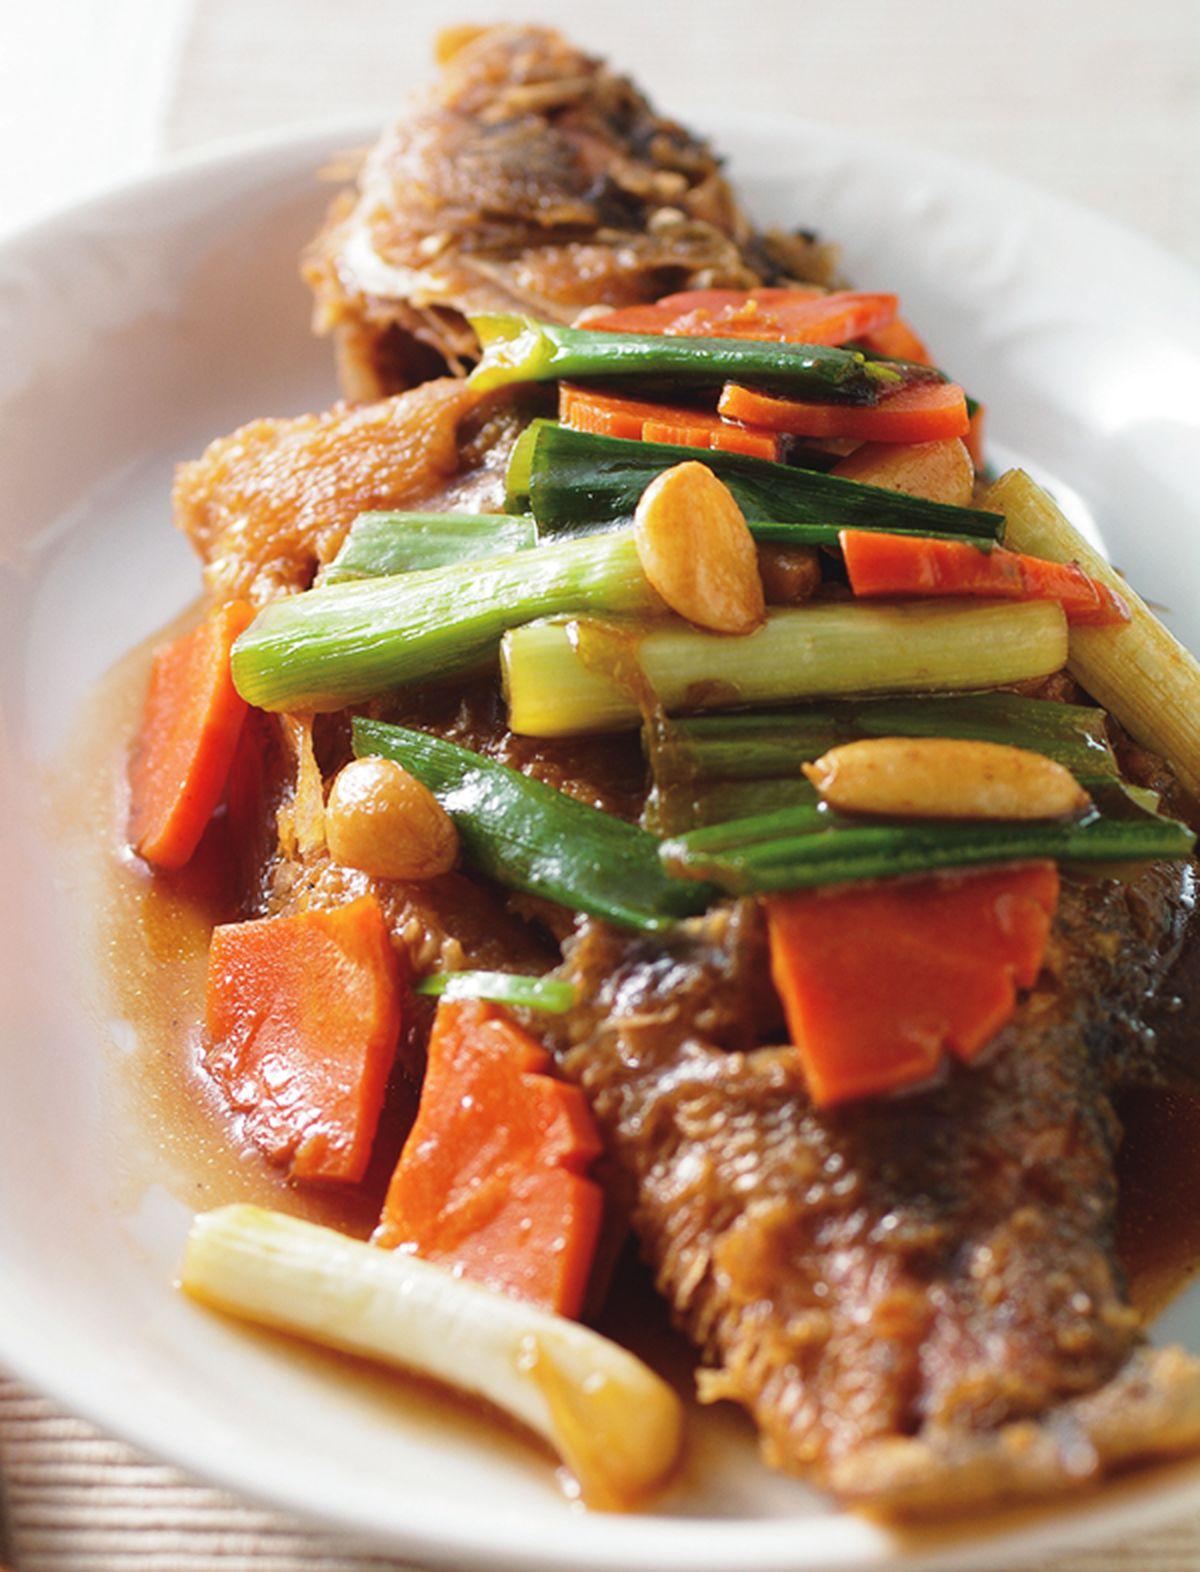 食譜:蒜子燒鮮魚